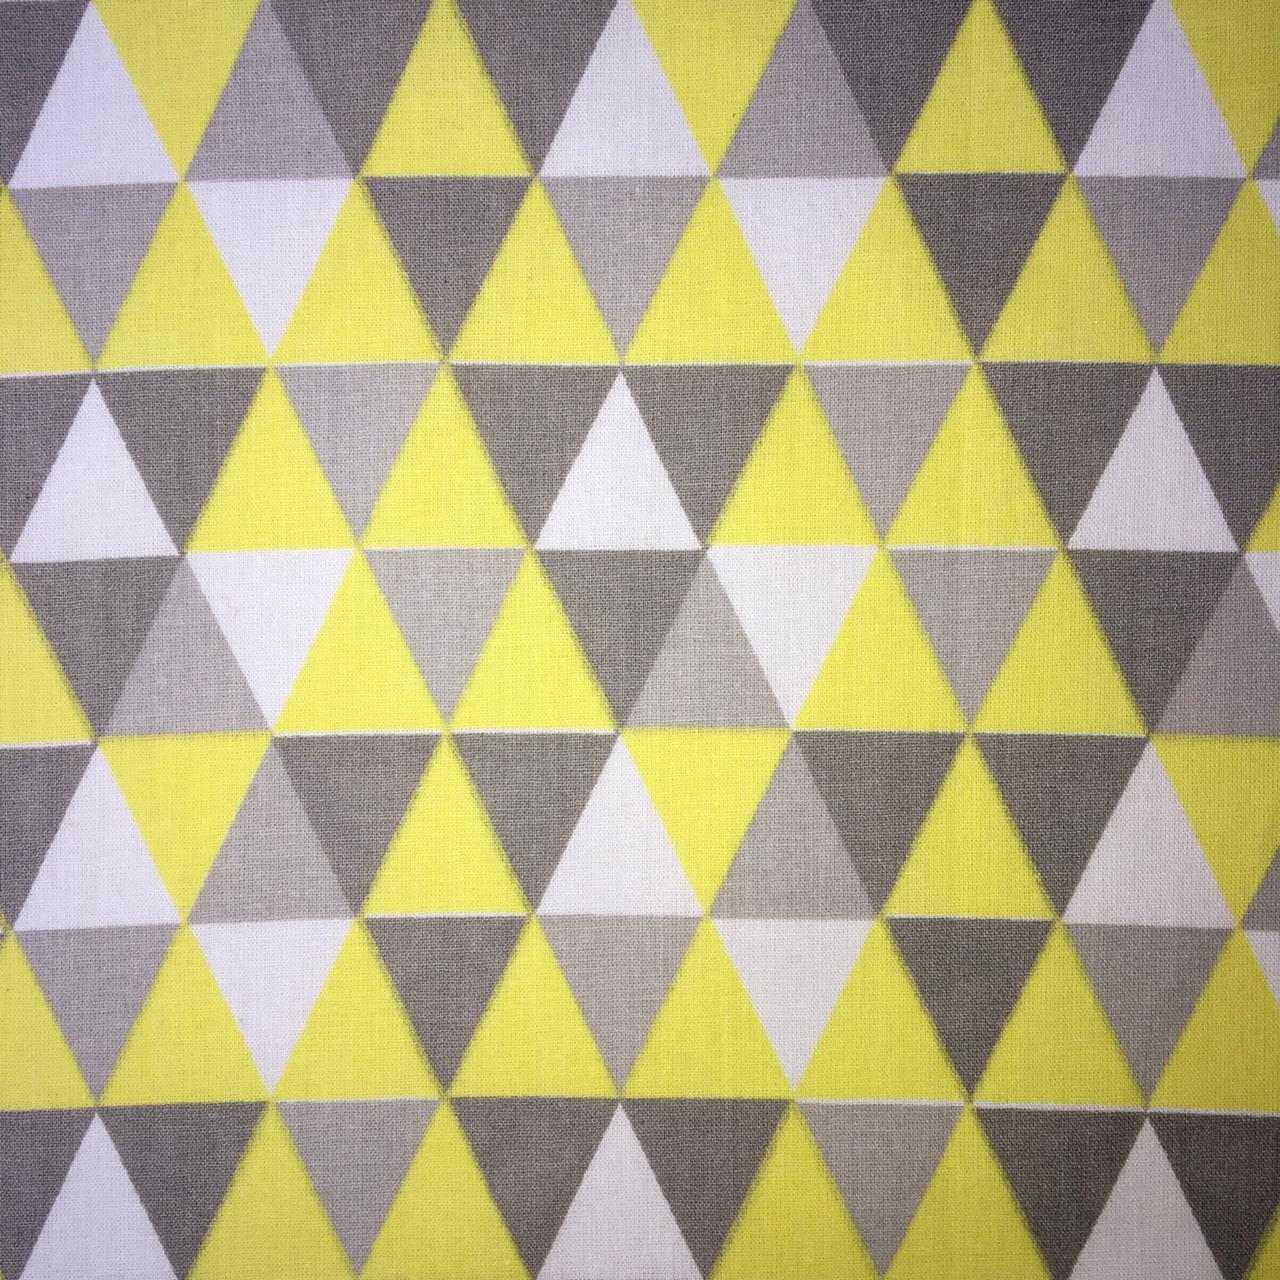 Folha de Eva Com Tecido Triângulos Cinza E Amarelo